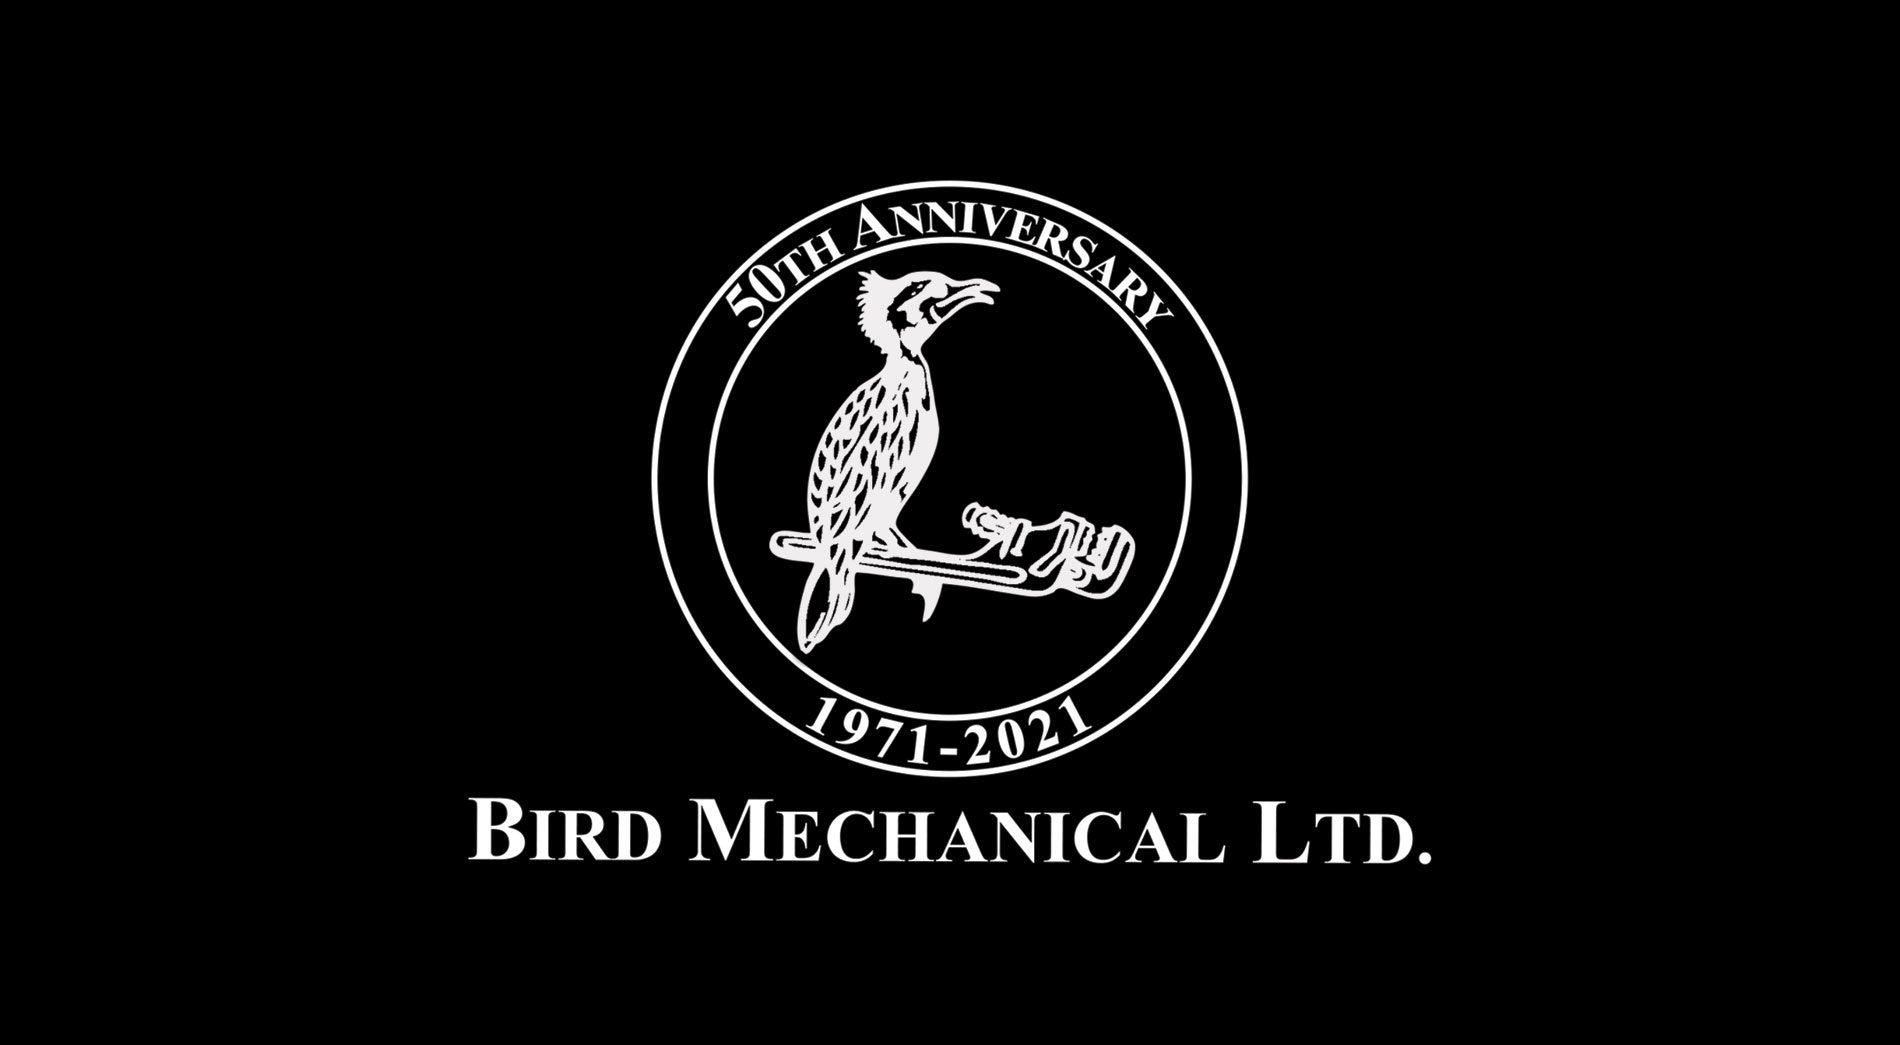 bird mechanical 50th